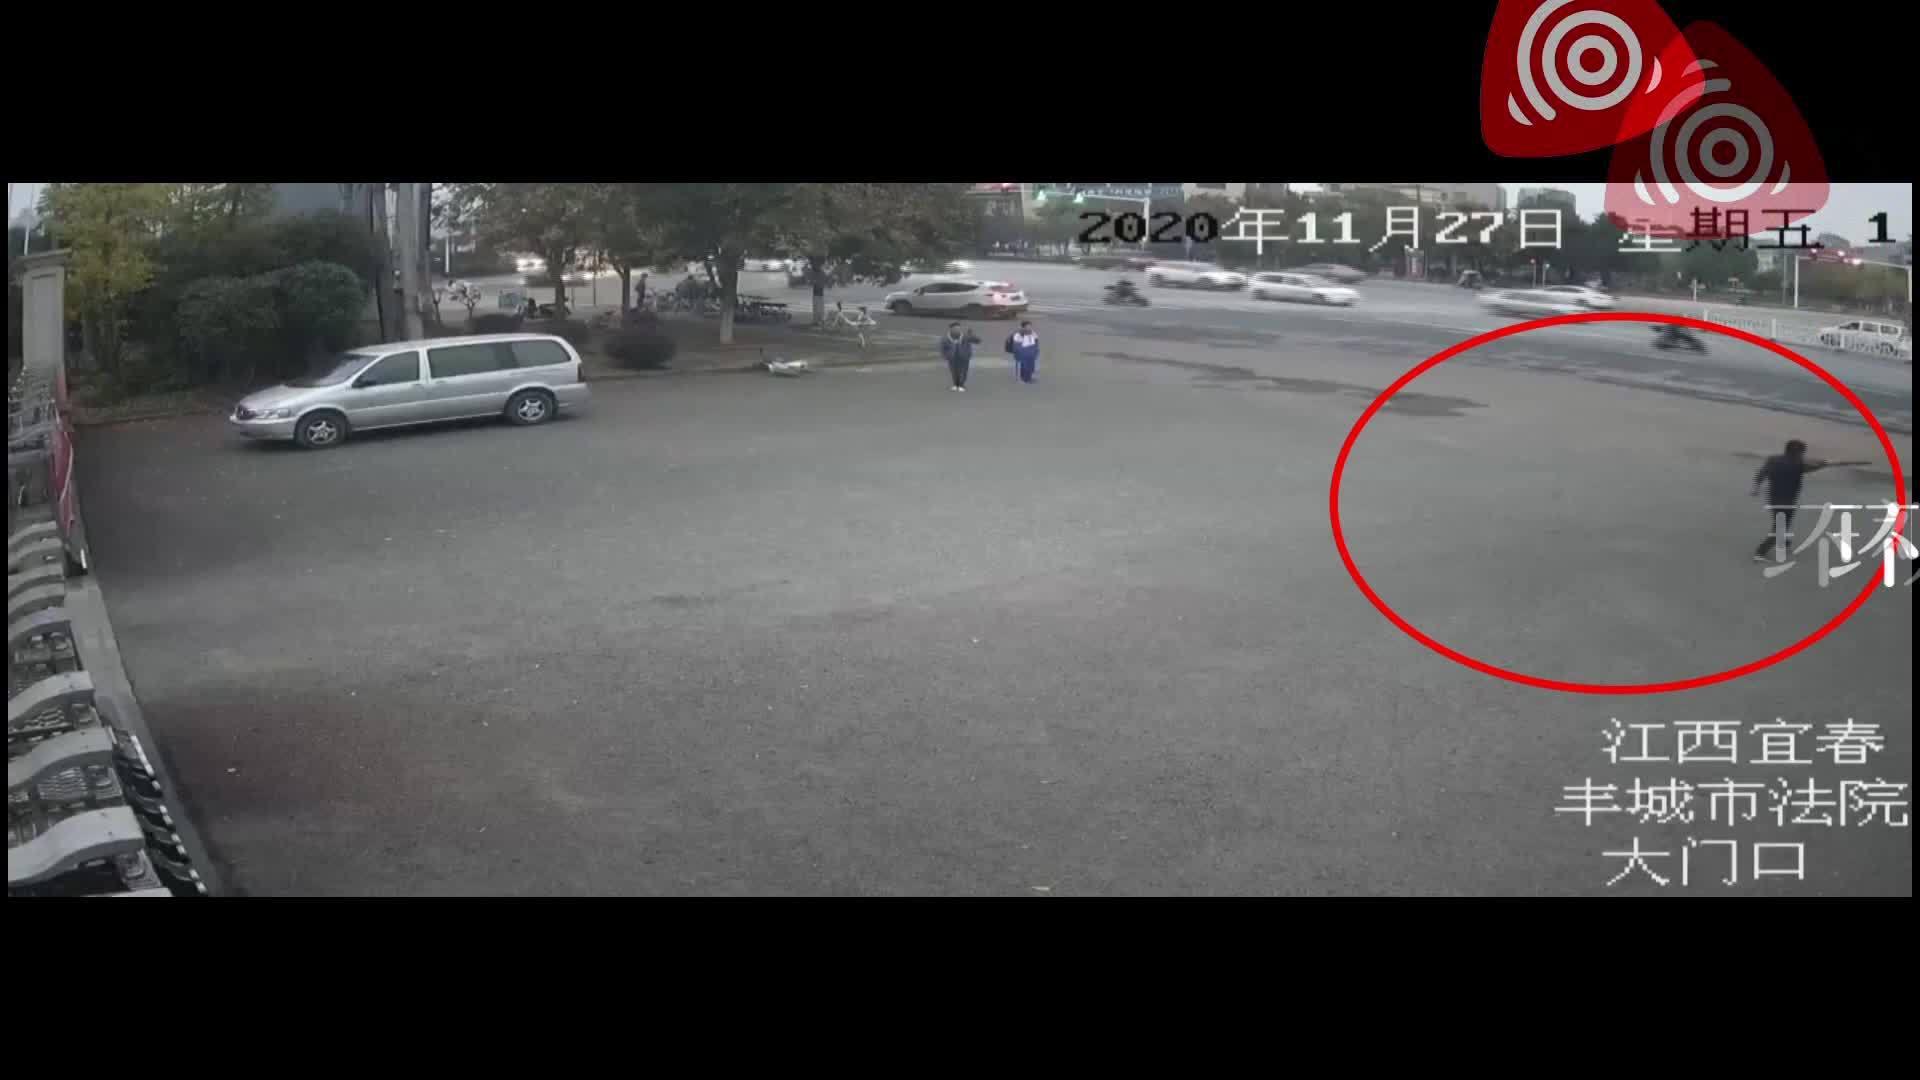 自投罗网?持刀凶徒在公安干警追逃下窜入法院,被一拥而上制服